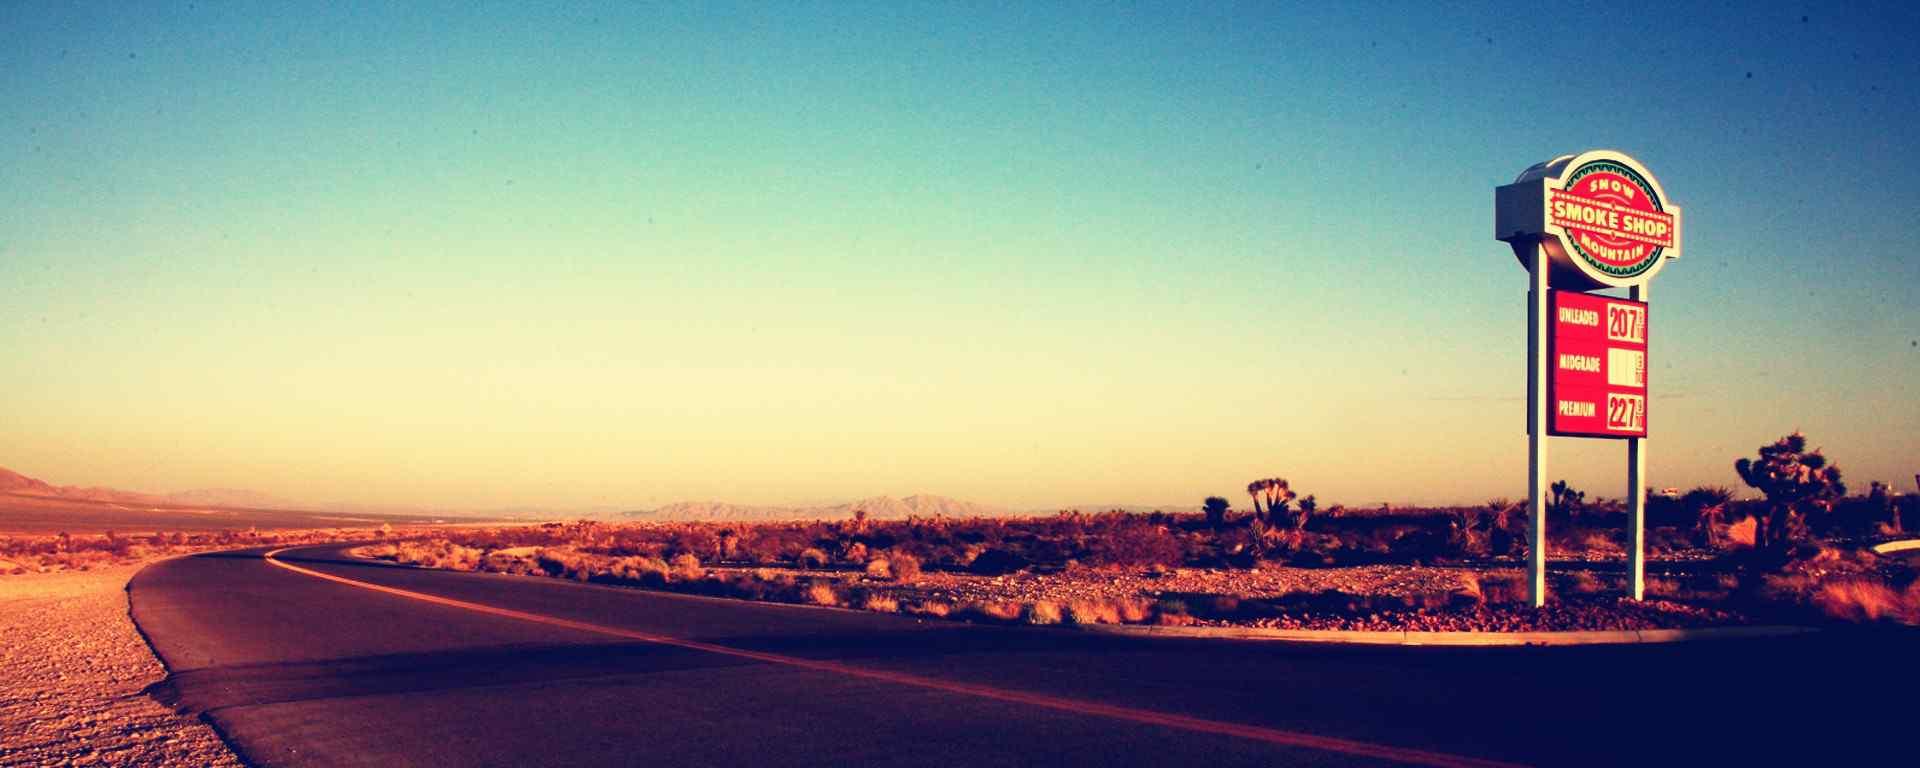 美国公路_美国旅游_美国自驾游_美国加州一号公路_美国66号公路风景壁纸